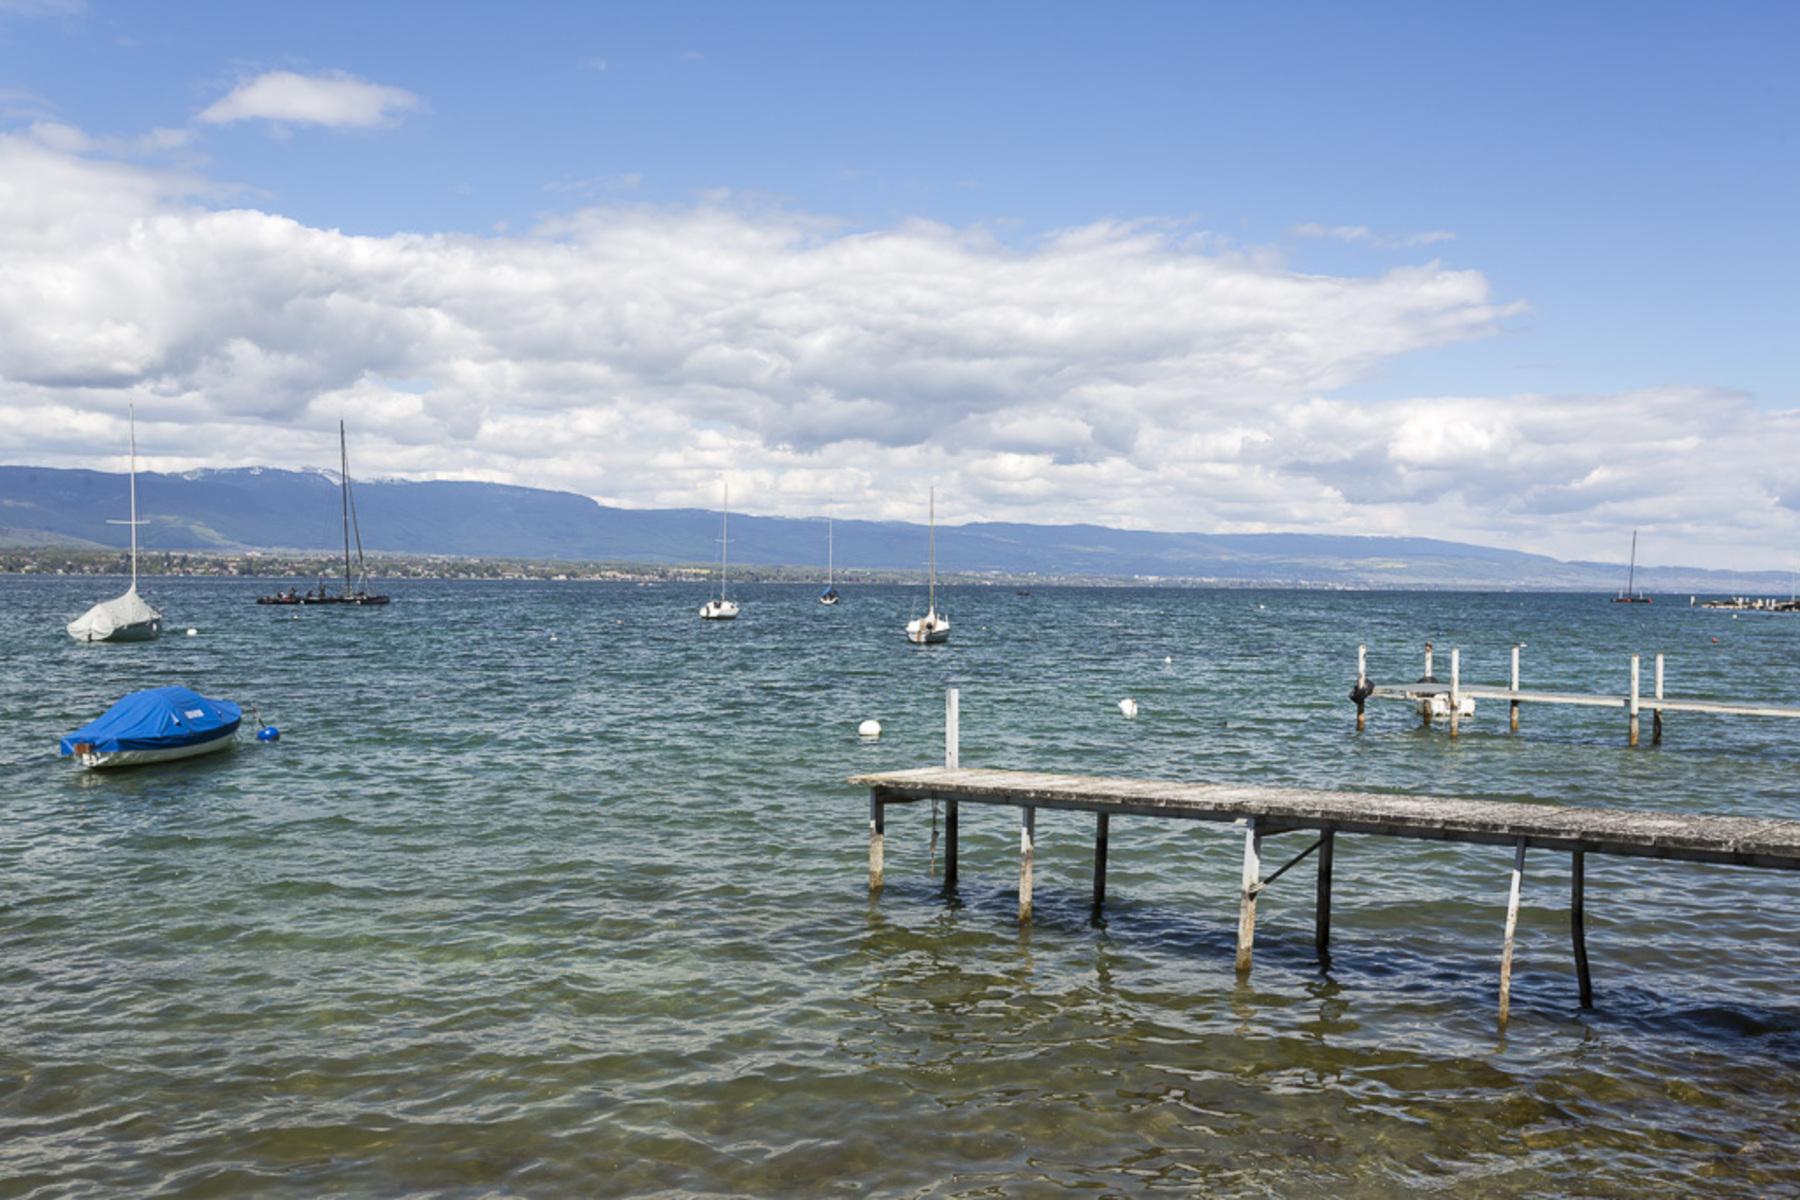 Частный односемейный дом для того Продажа на Beautiful property by the lake with private jetty Corsier Other Switzerland, Другие Регионы В Швейцарии, 1246 Швейцария